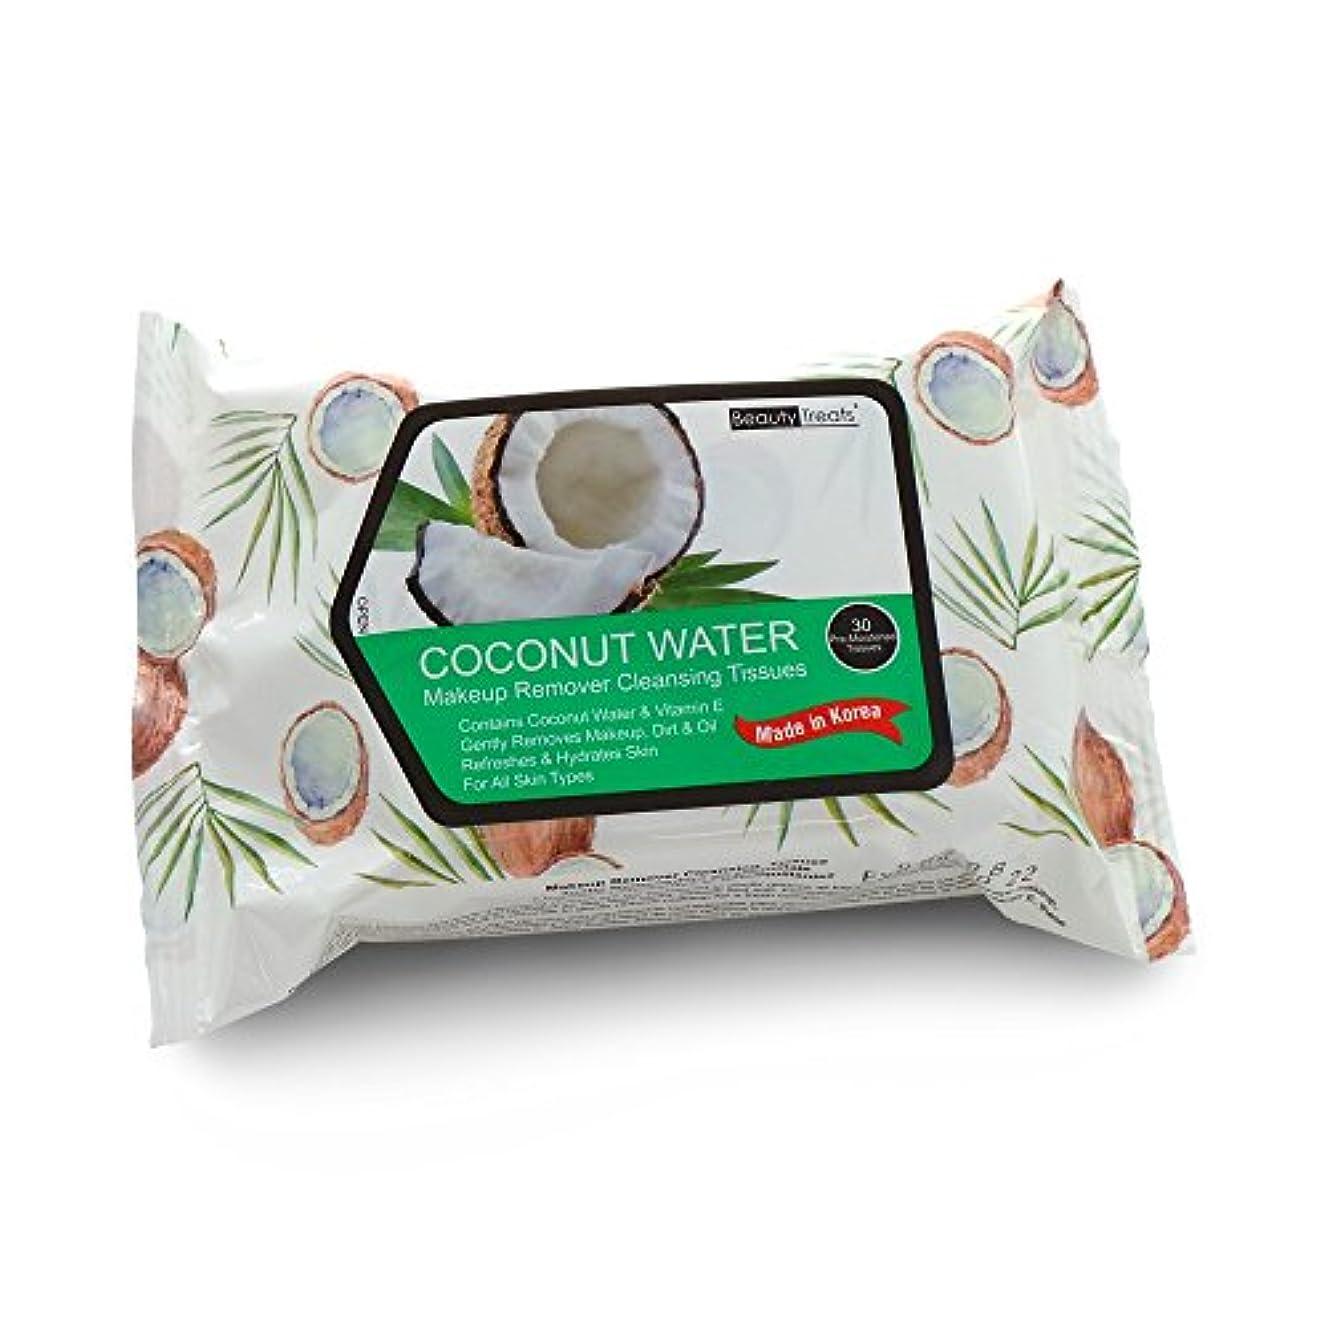 居住者肉倒錯(3 Pack) BEAUTY TREATS Coconut Water Makeup Remover Cleaning Tissues (並行輸入品)